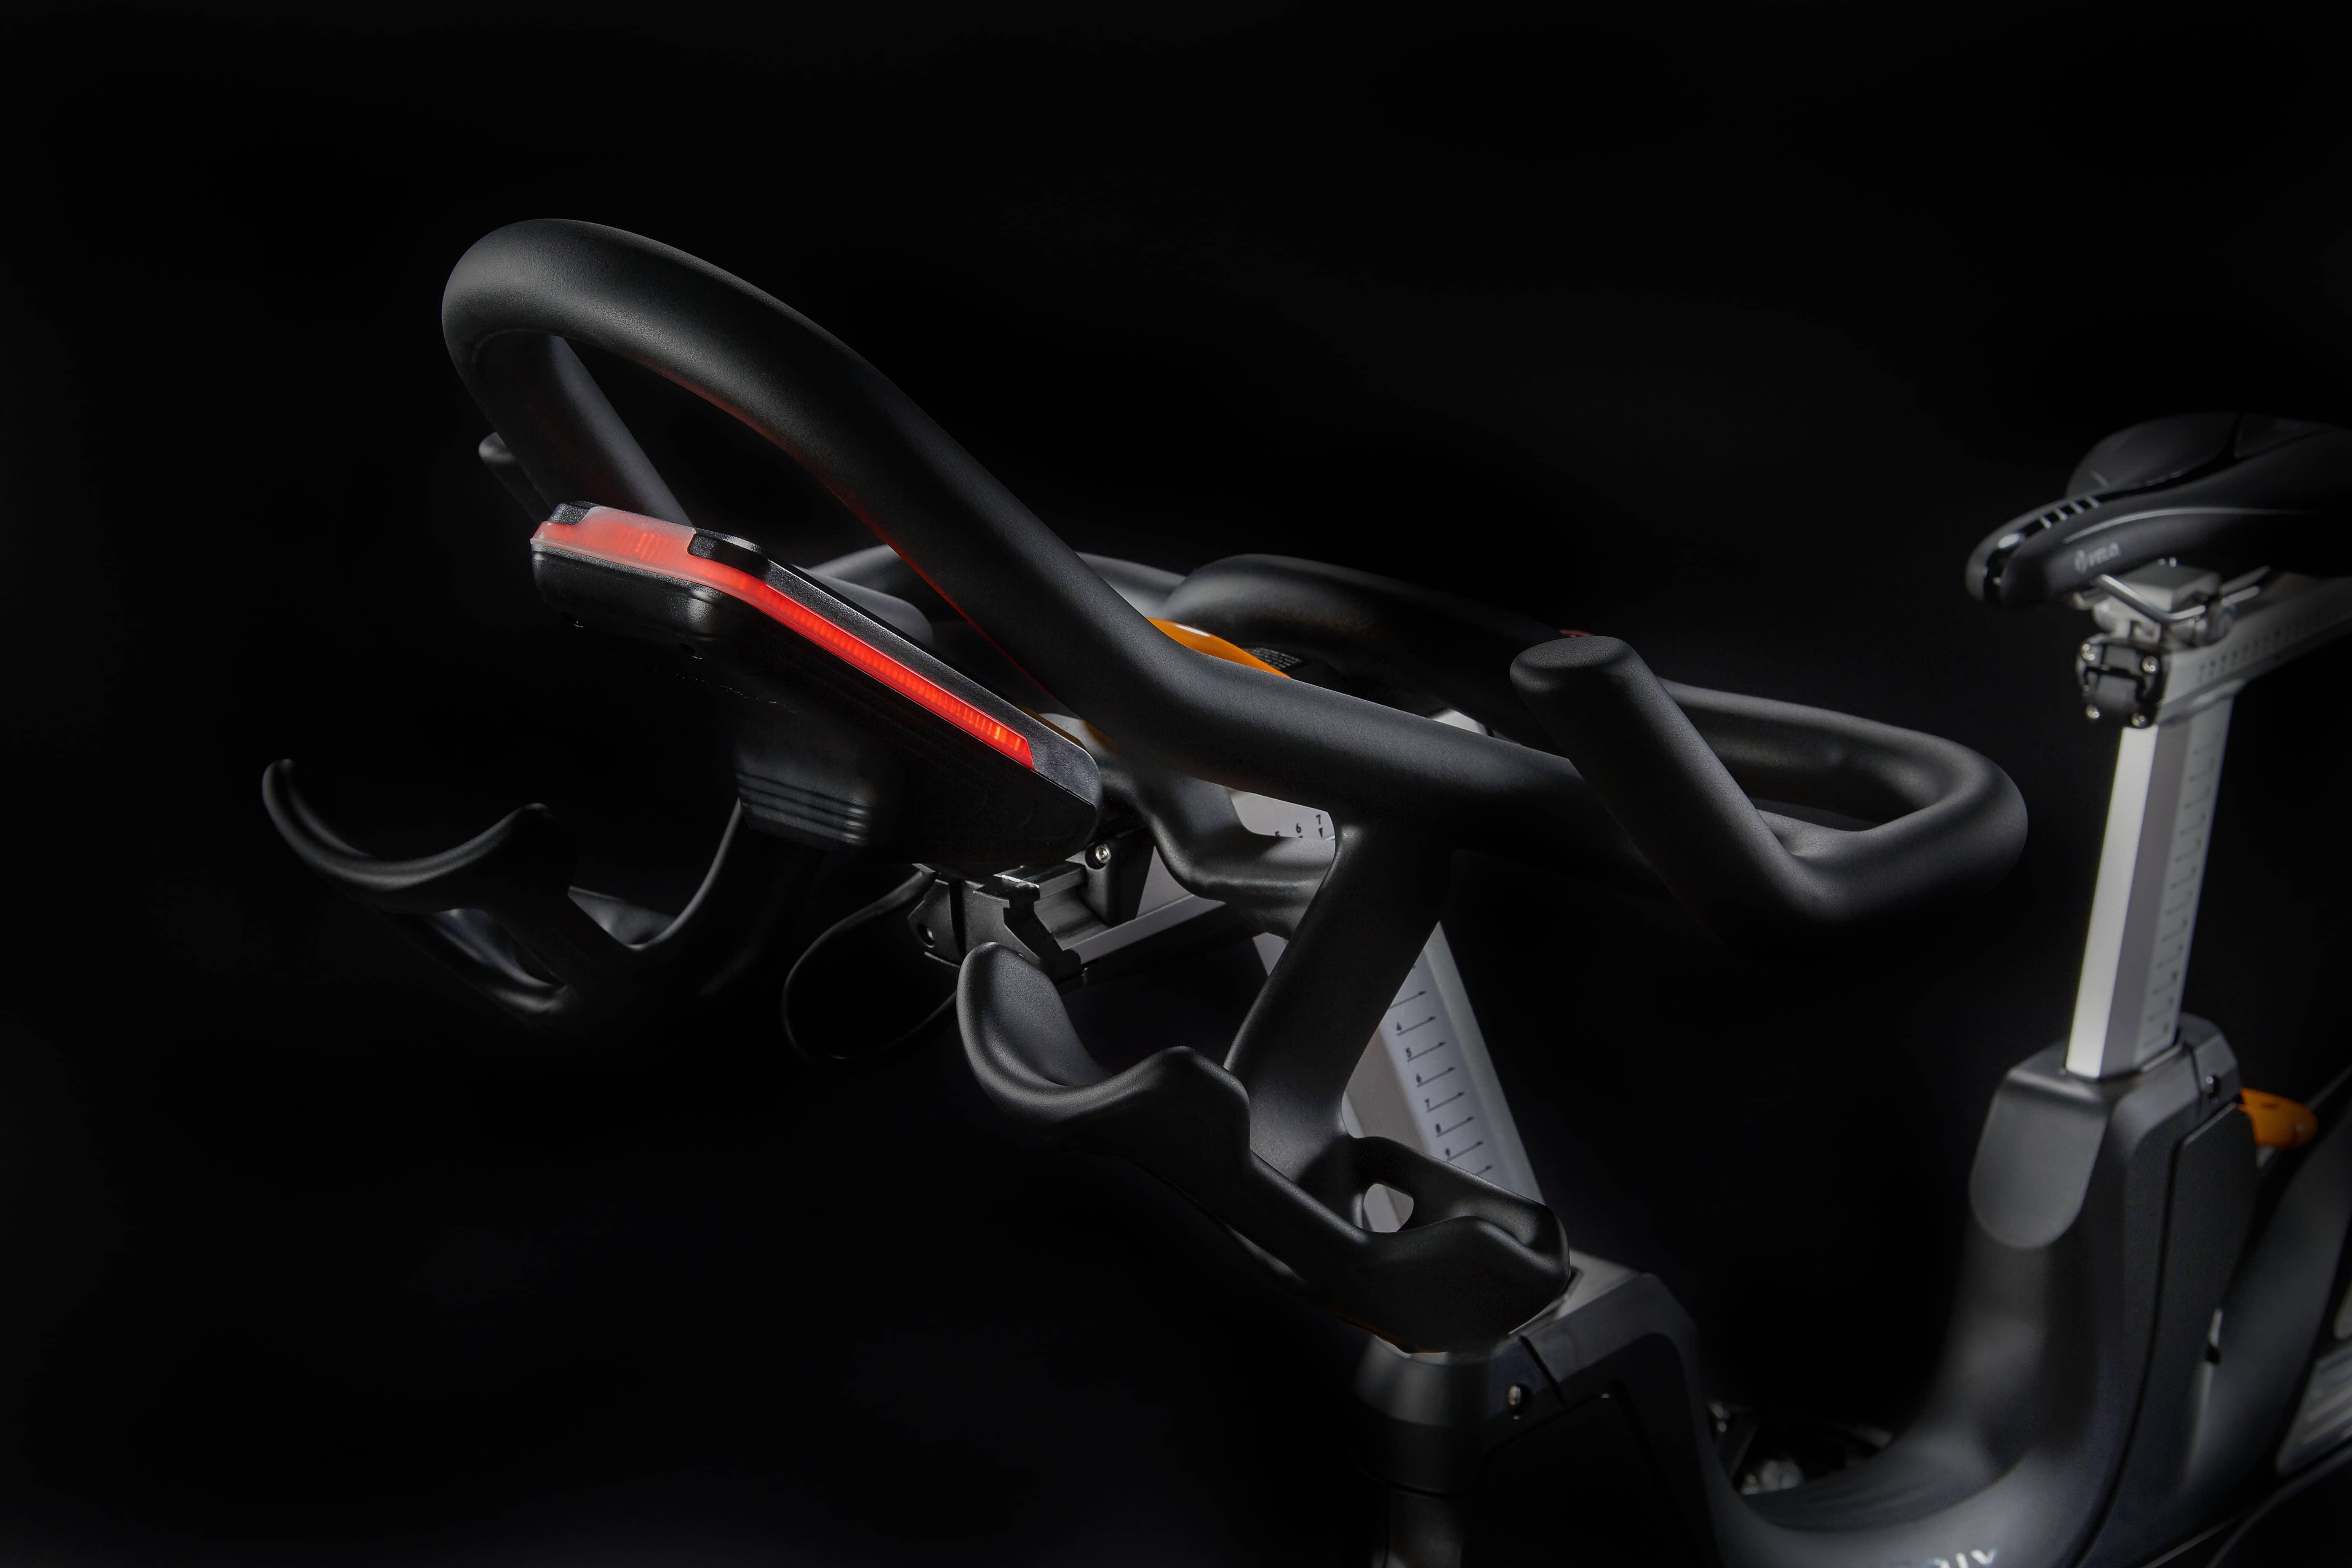 matrix fitness casall pro cyklar träningscyklar indoor bike target training spinningcykel